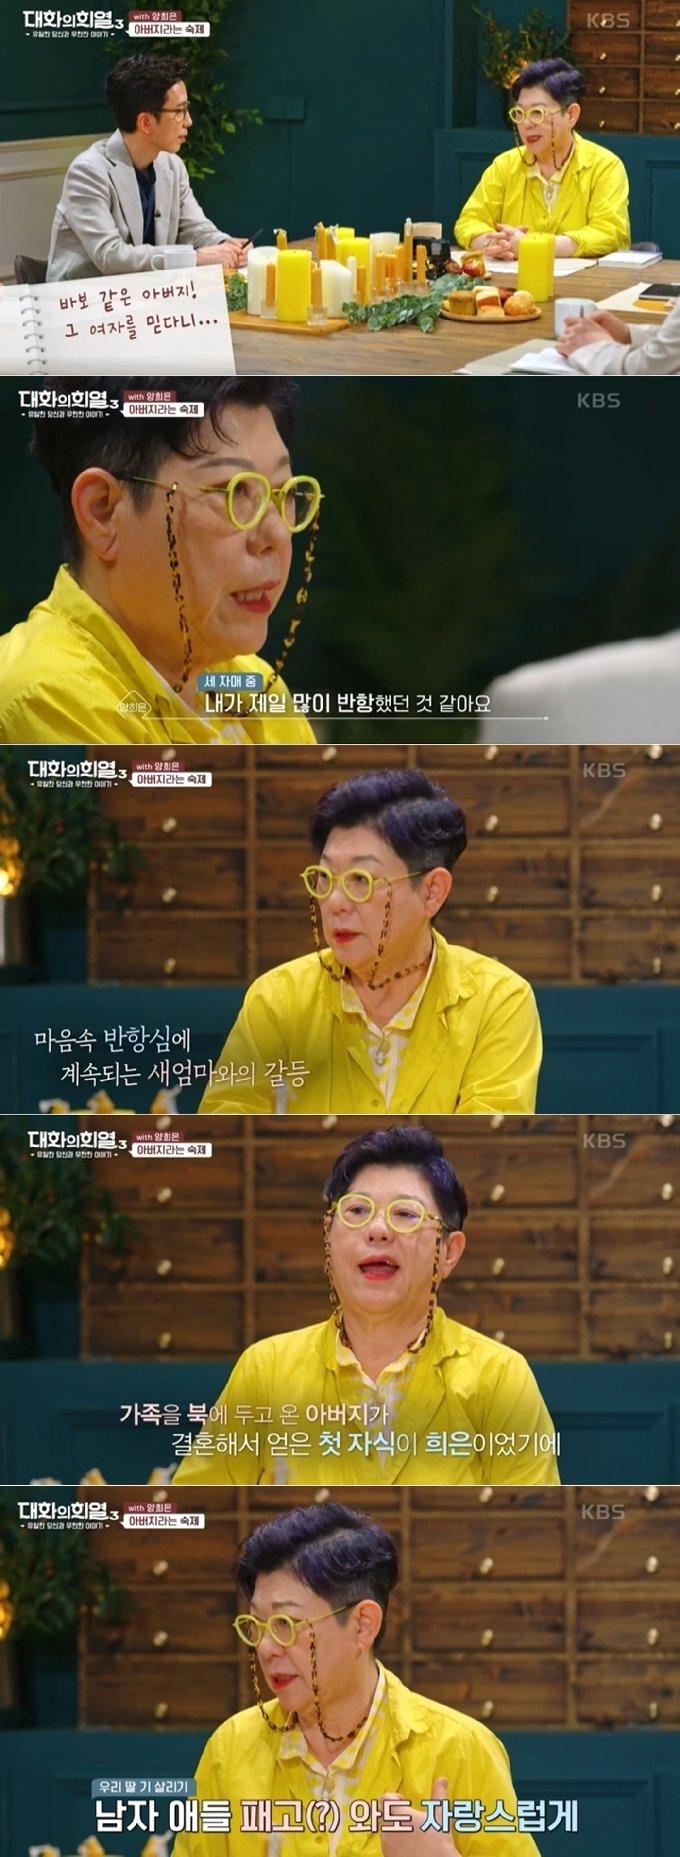 KBS2 예능 프로그램 '대화의 희열3' 방송 화면 갈무리 © 뉴스1